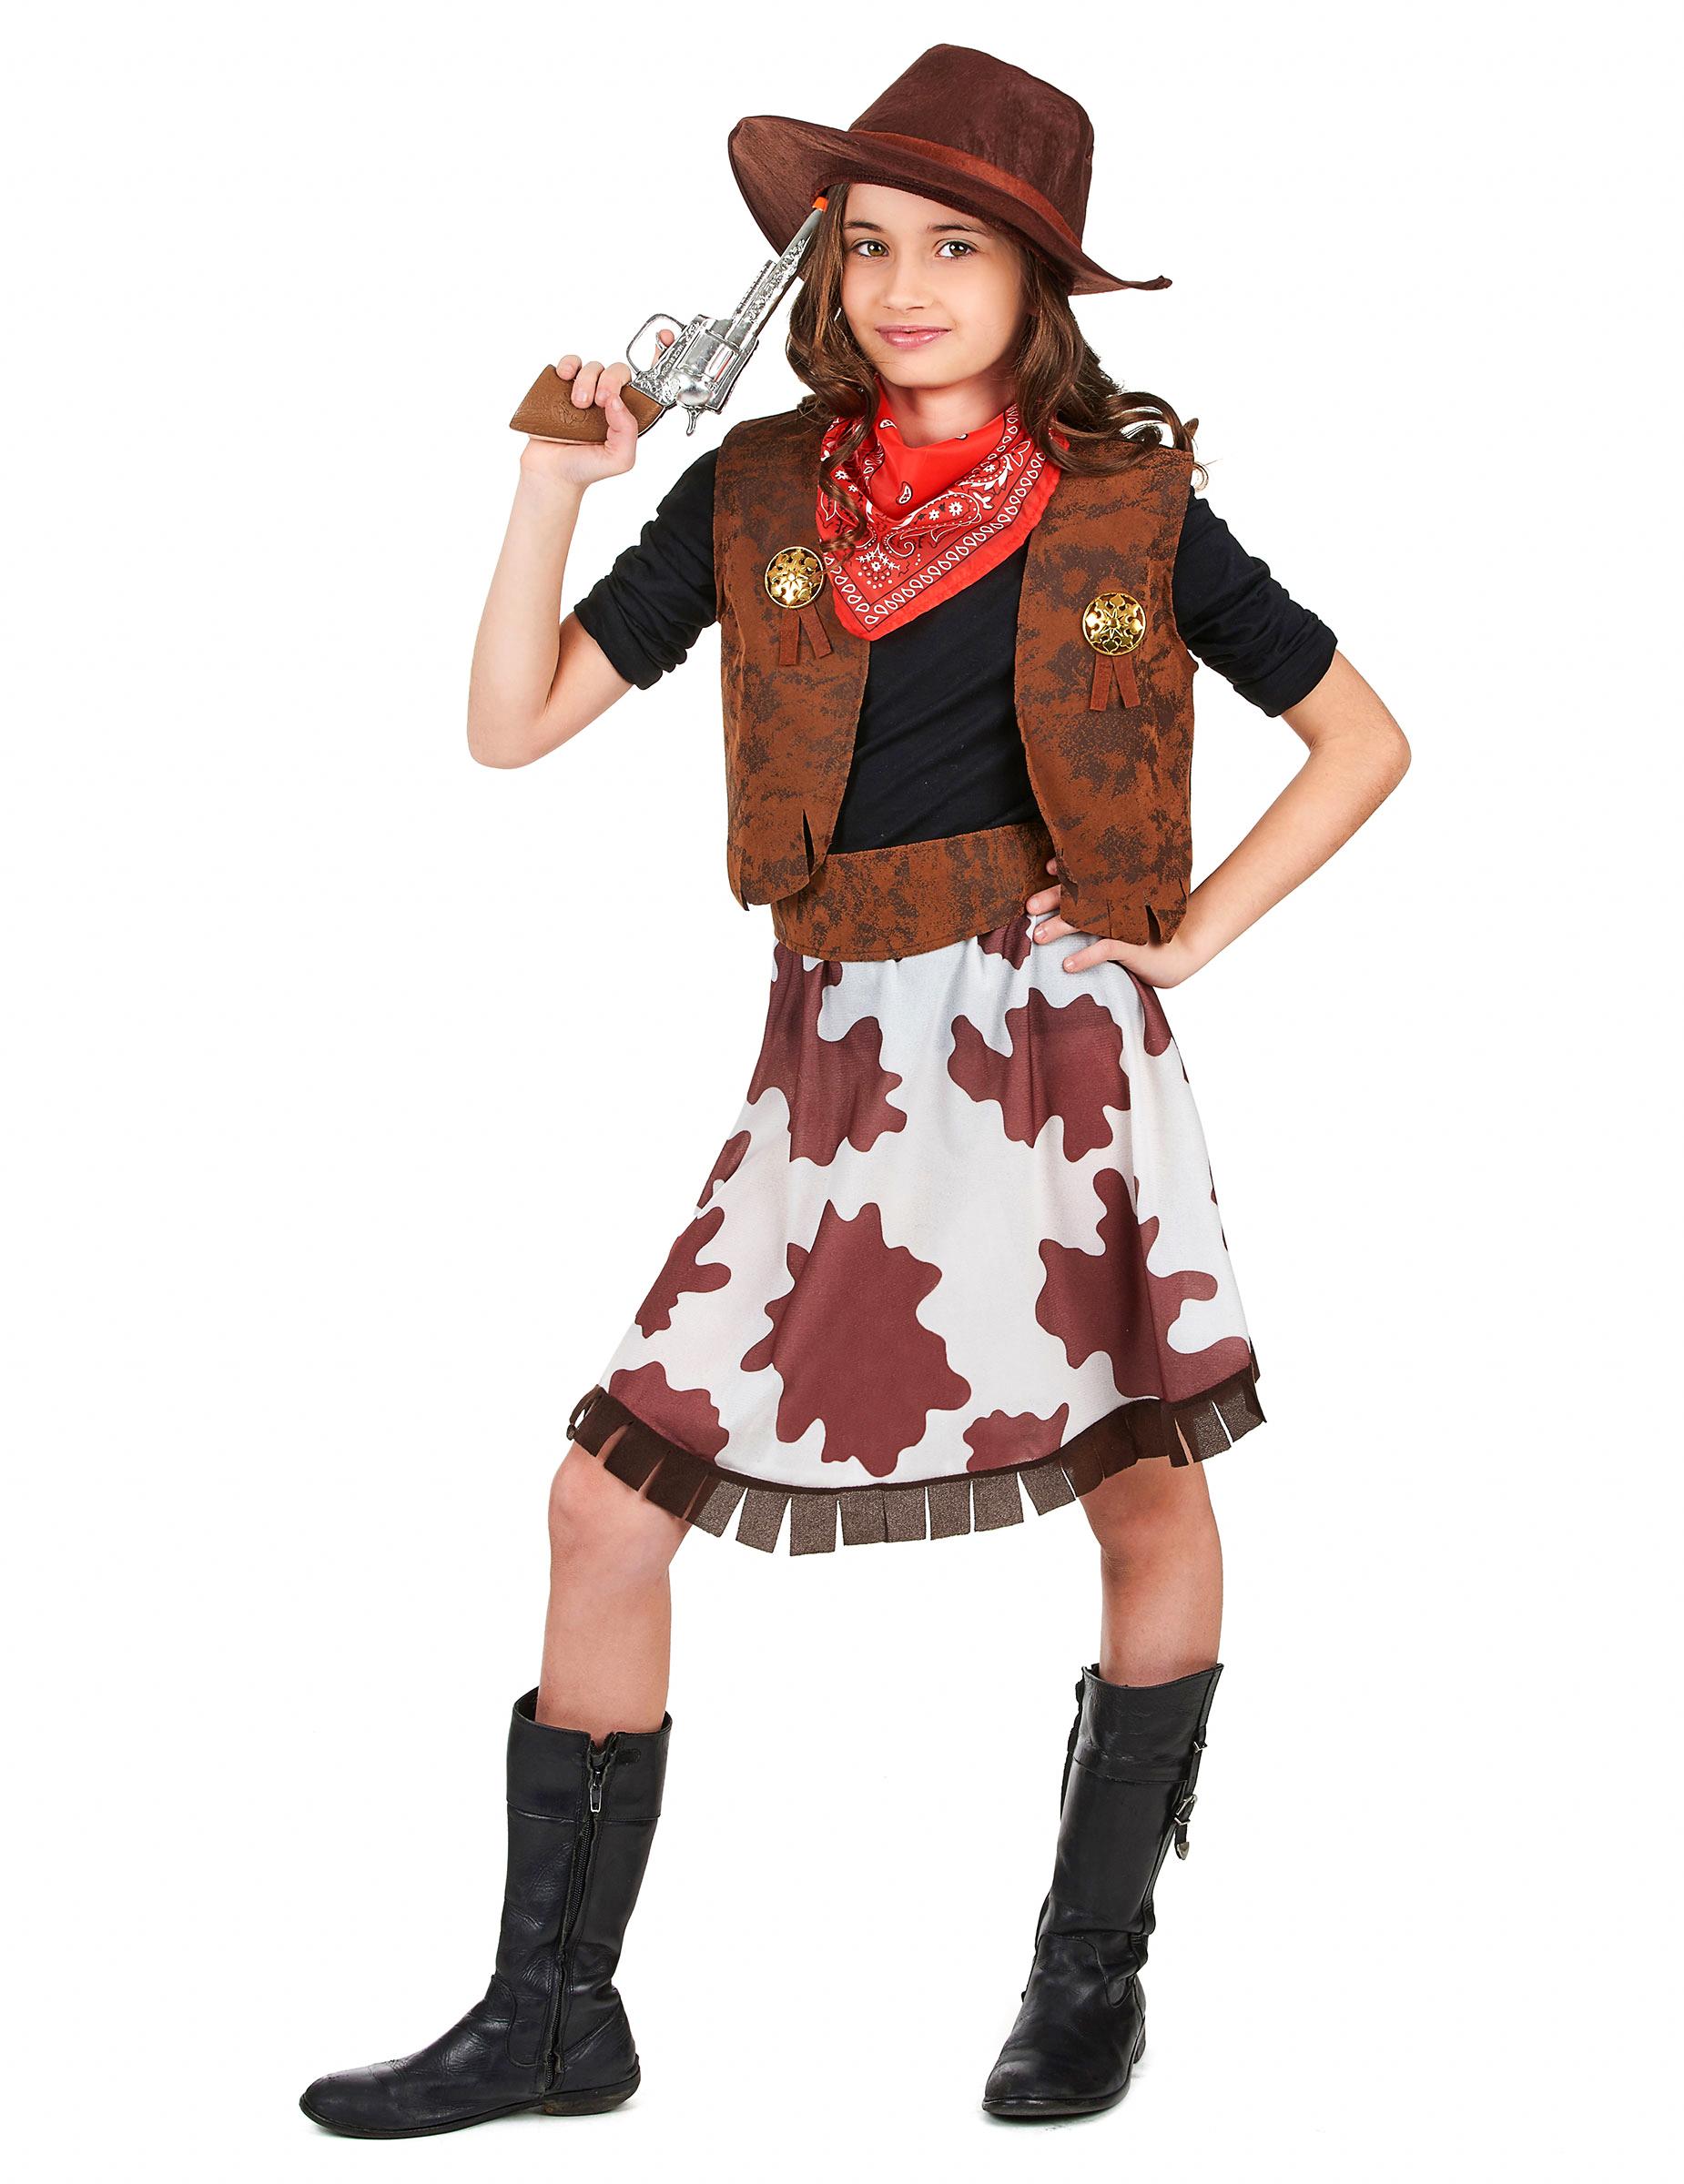 977802fb27f4e Disfraz de vaquera para niña  Disfraces niños